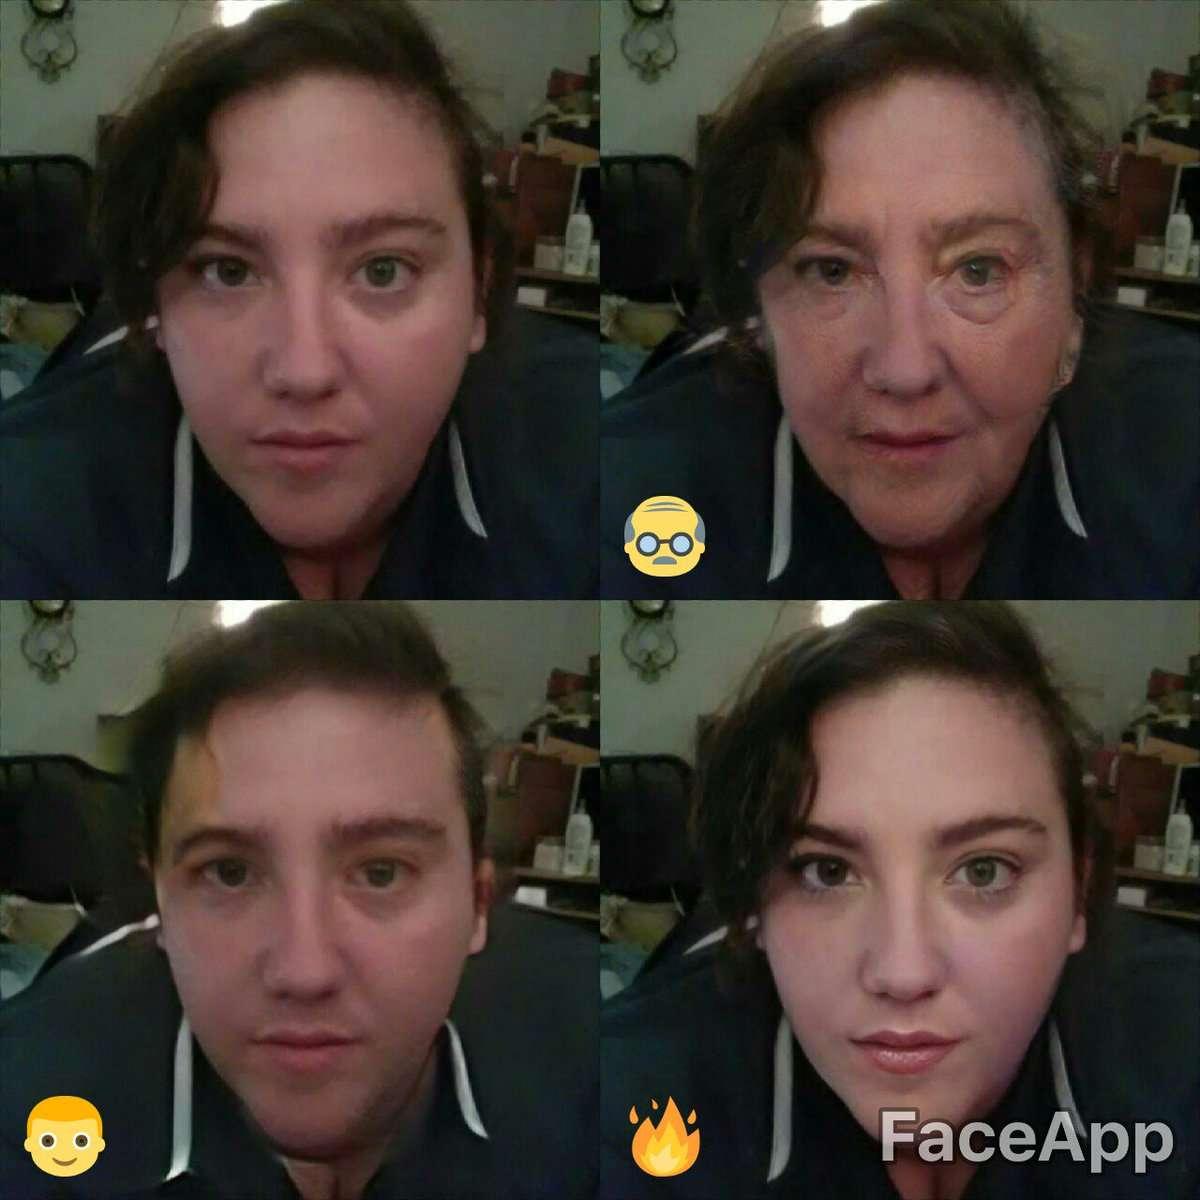 FaceApp додає років, міняє стать або робить обличчя привабливішим.